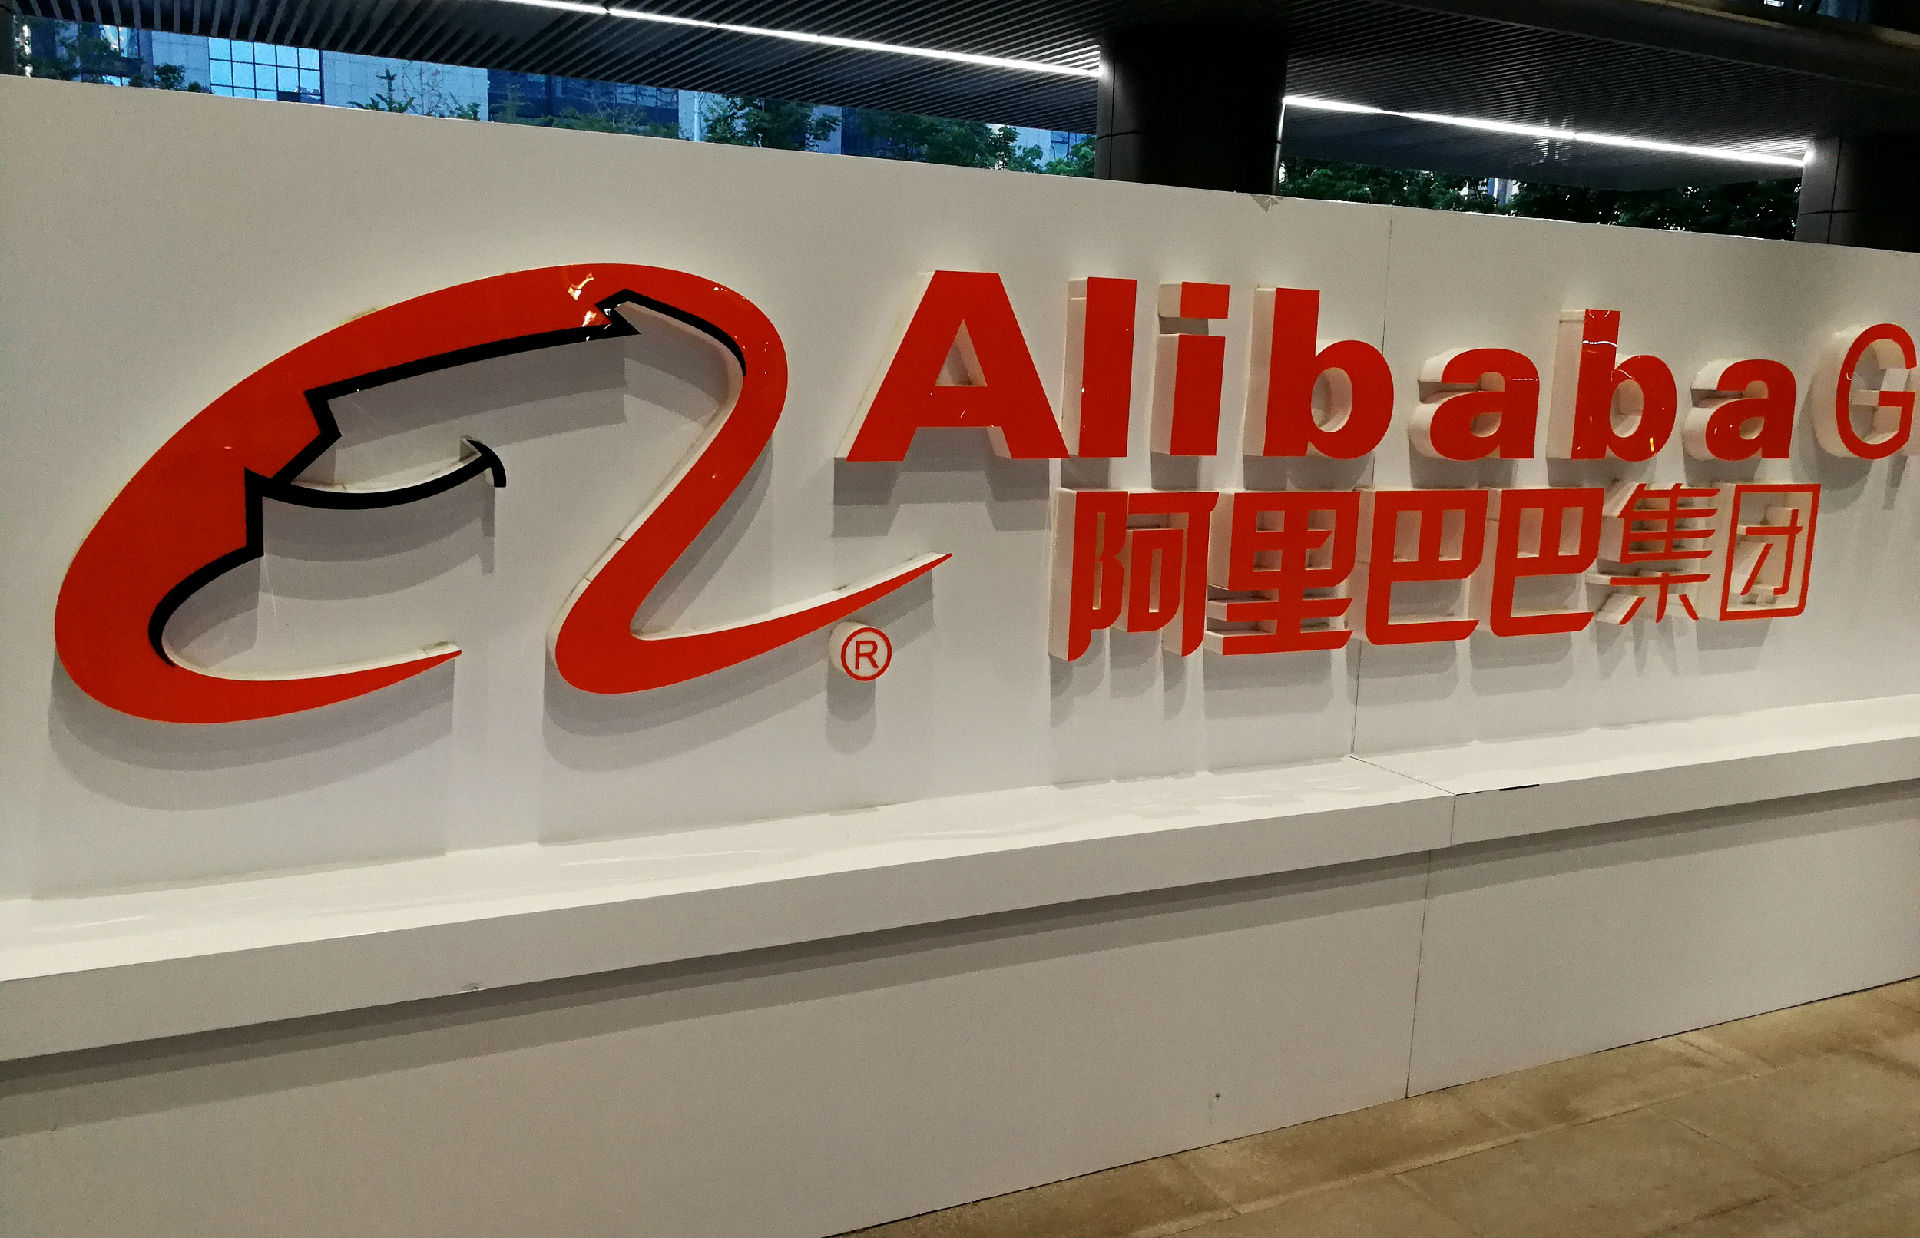 阿里巴巴进军台湾市场 将与当地业者合作成立电商平台